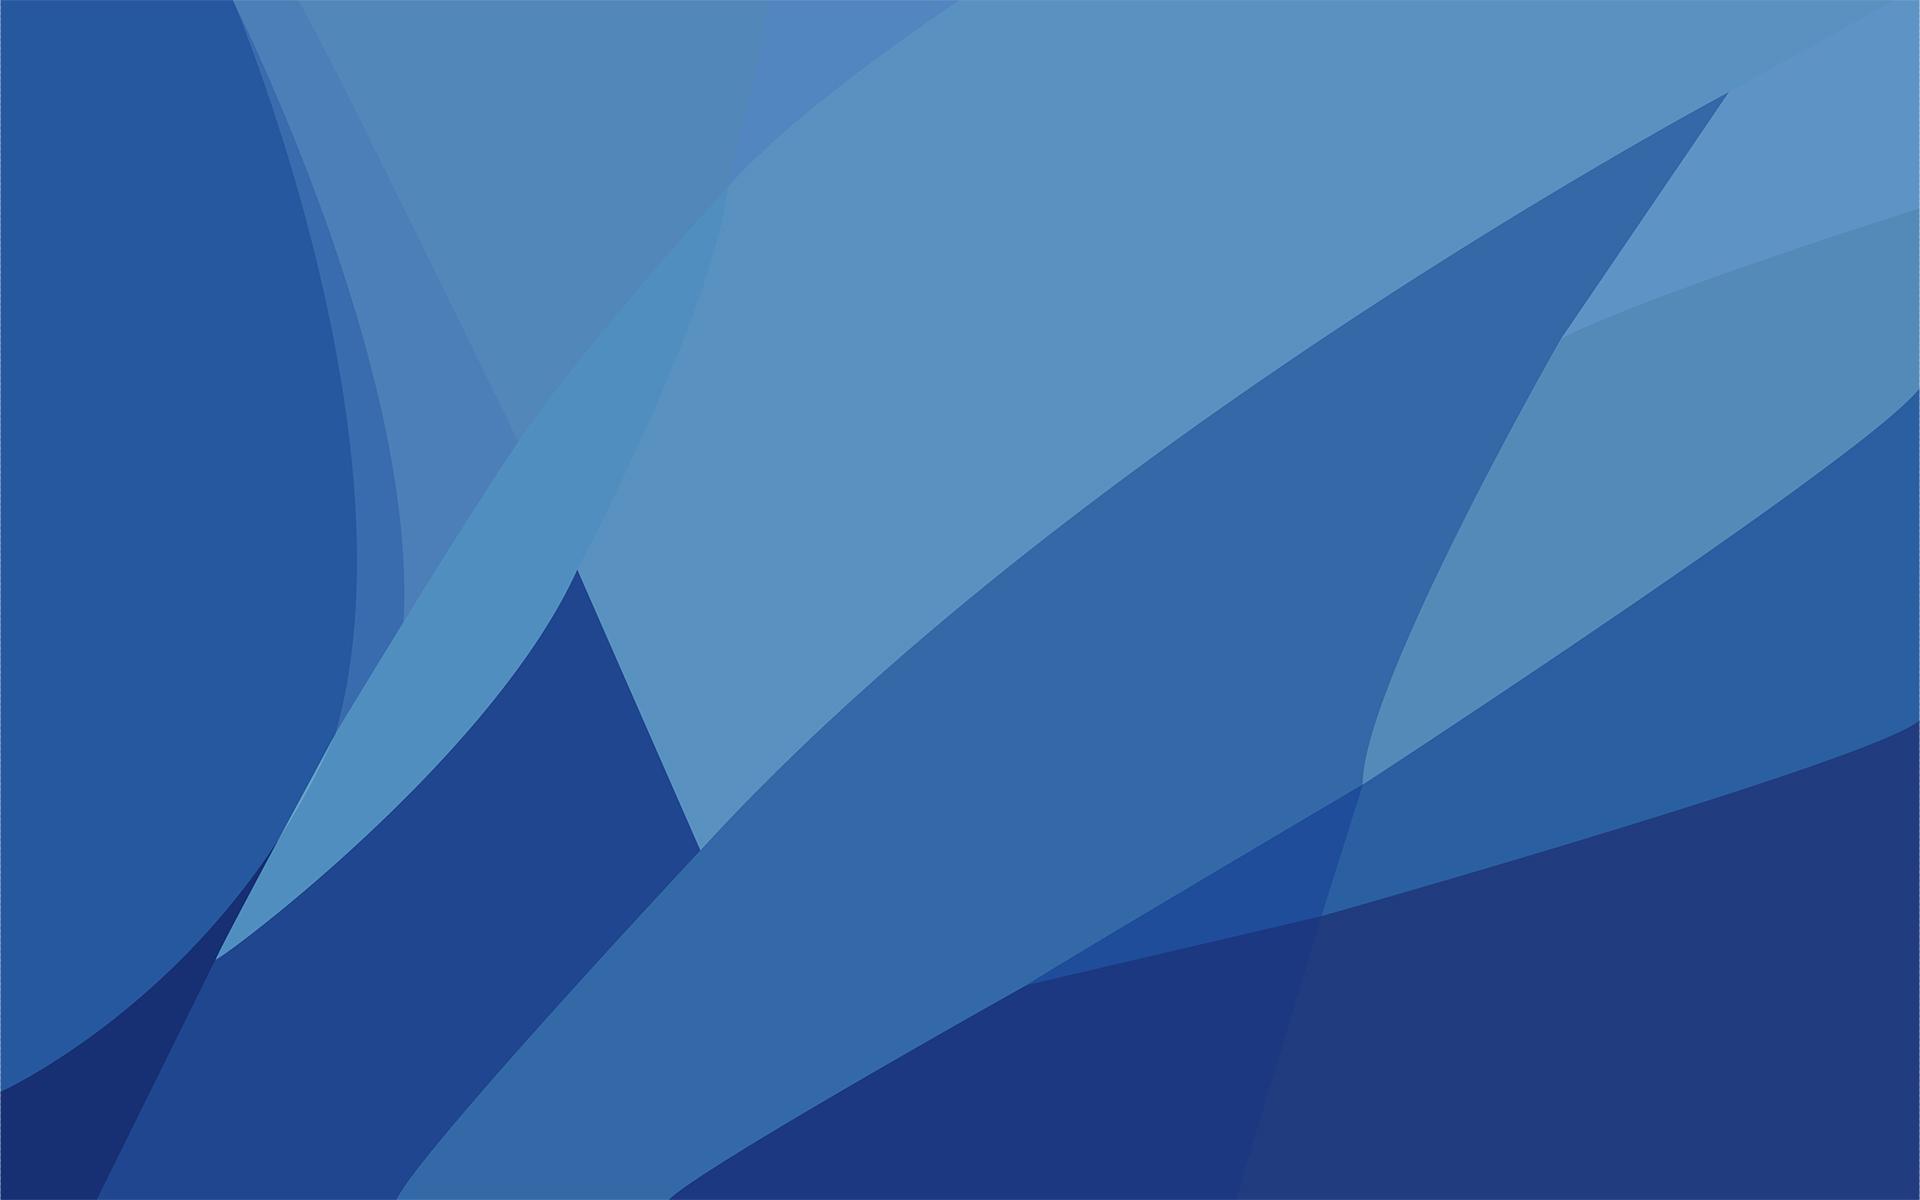 Mac Wallpaper - Flat Colors - 1920x1200